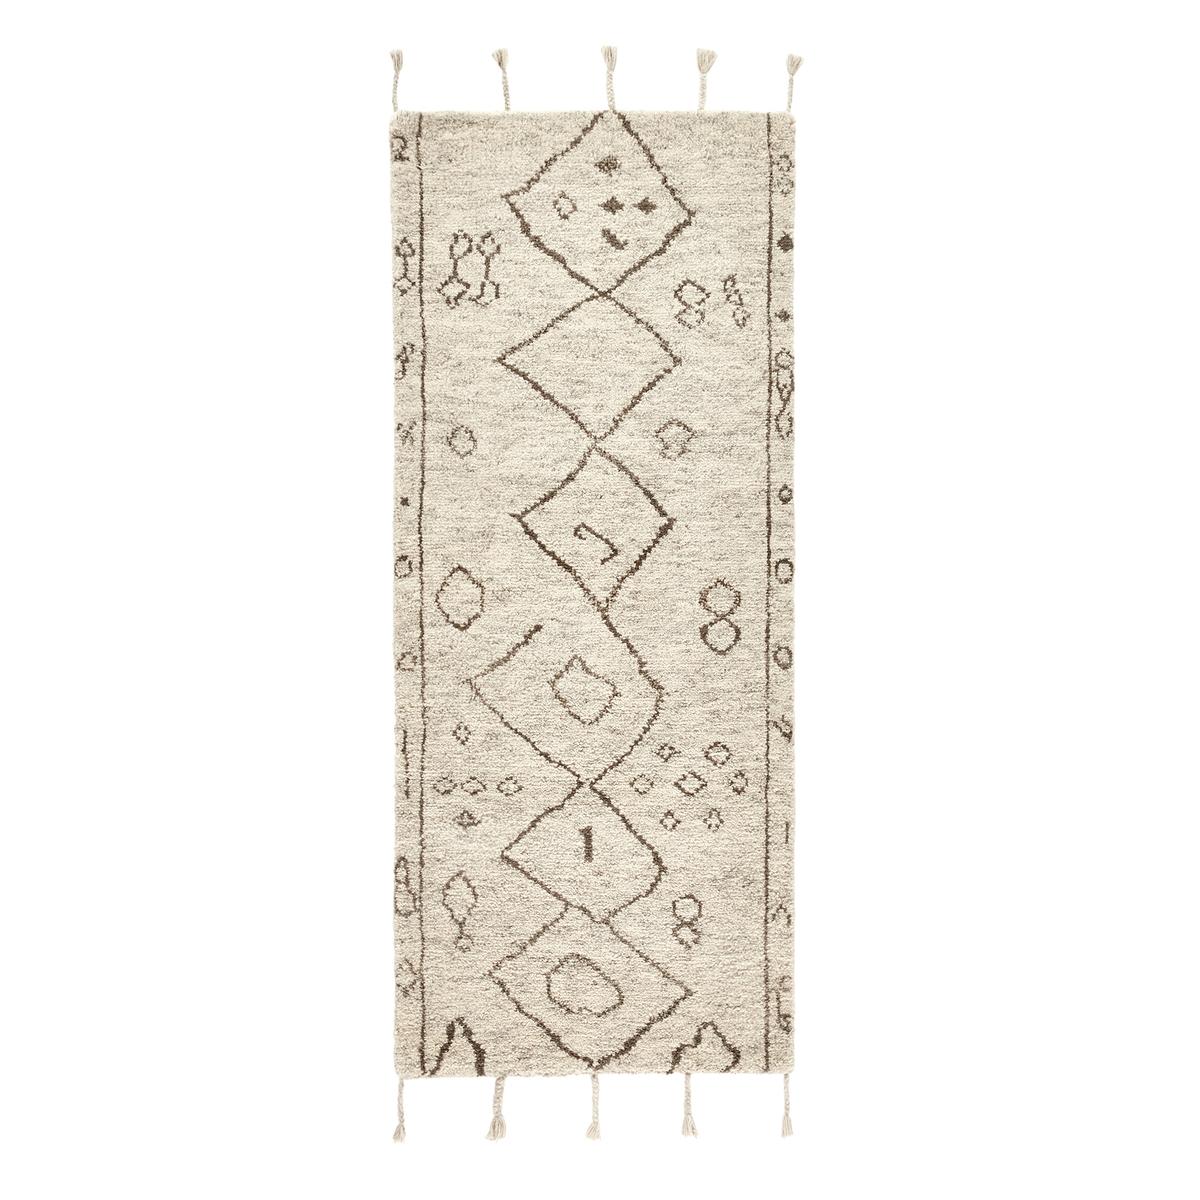 Дорожка La Redoute Ковровая для коридора в берберском стиле из шерсти Padma 80 x 200 см бежевый ковер la redoute в берберском стиле из шерсти tekouma 120 x 180 см бежевый